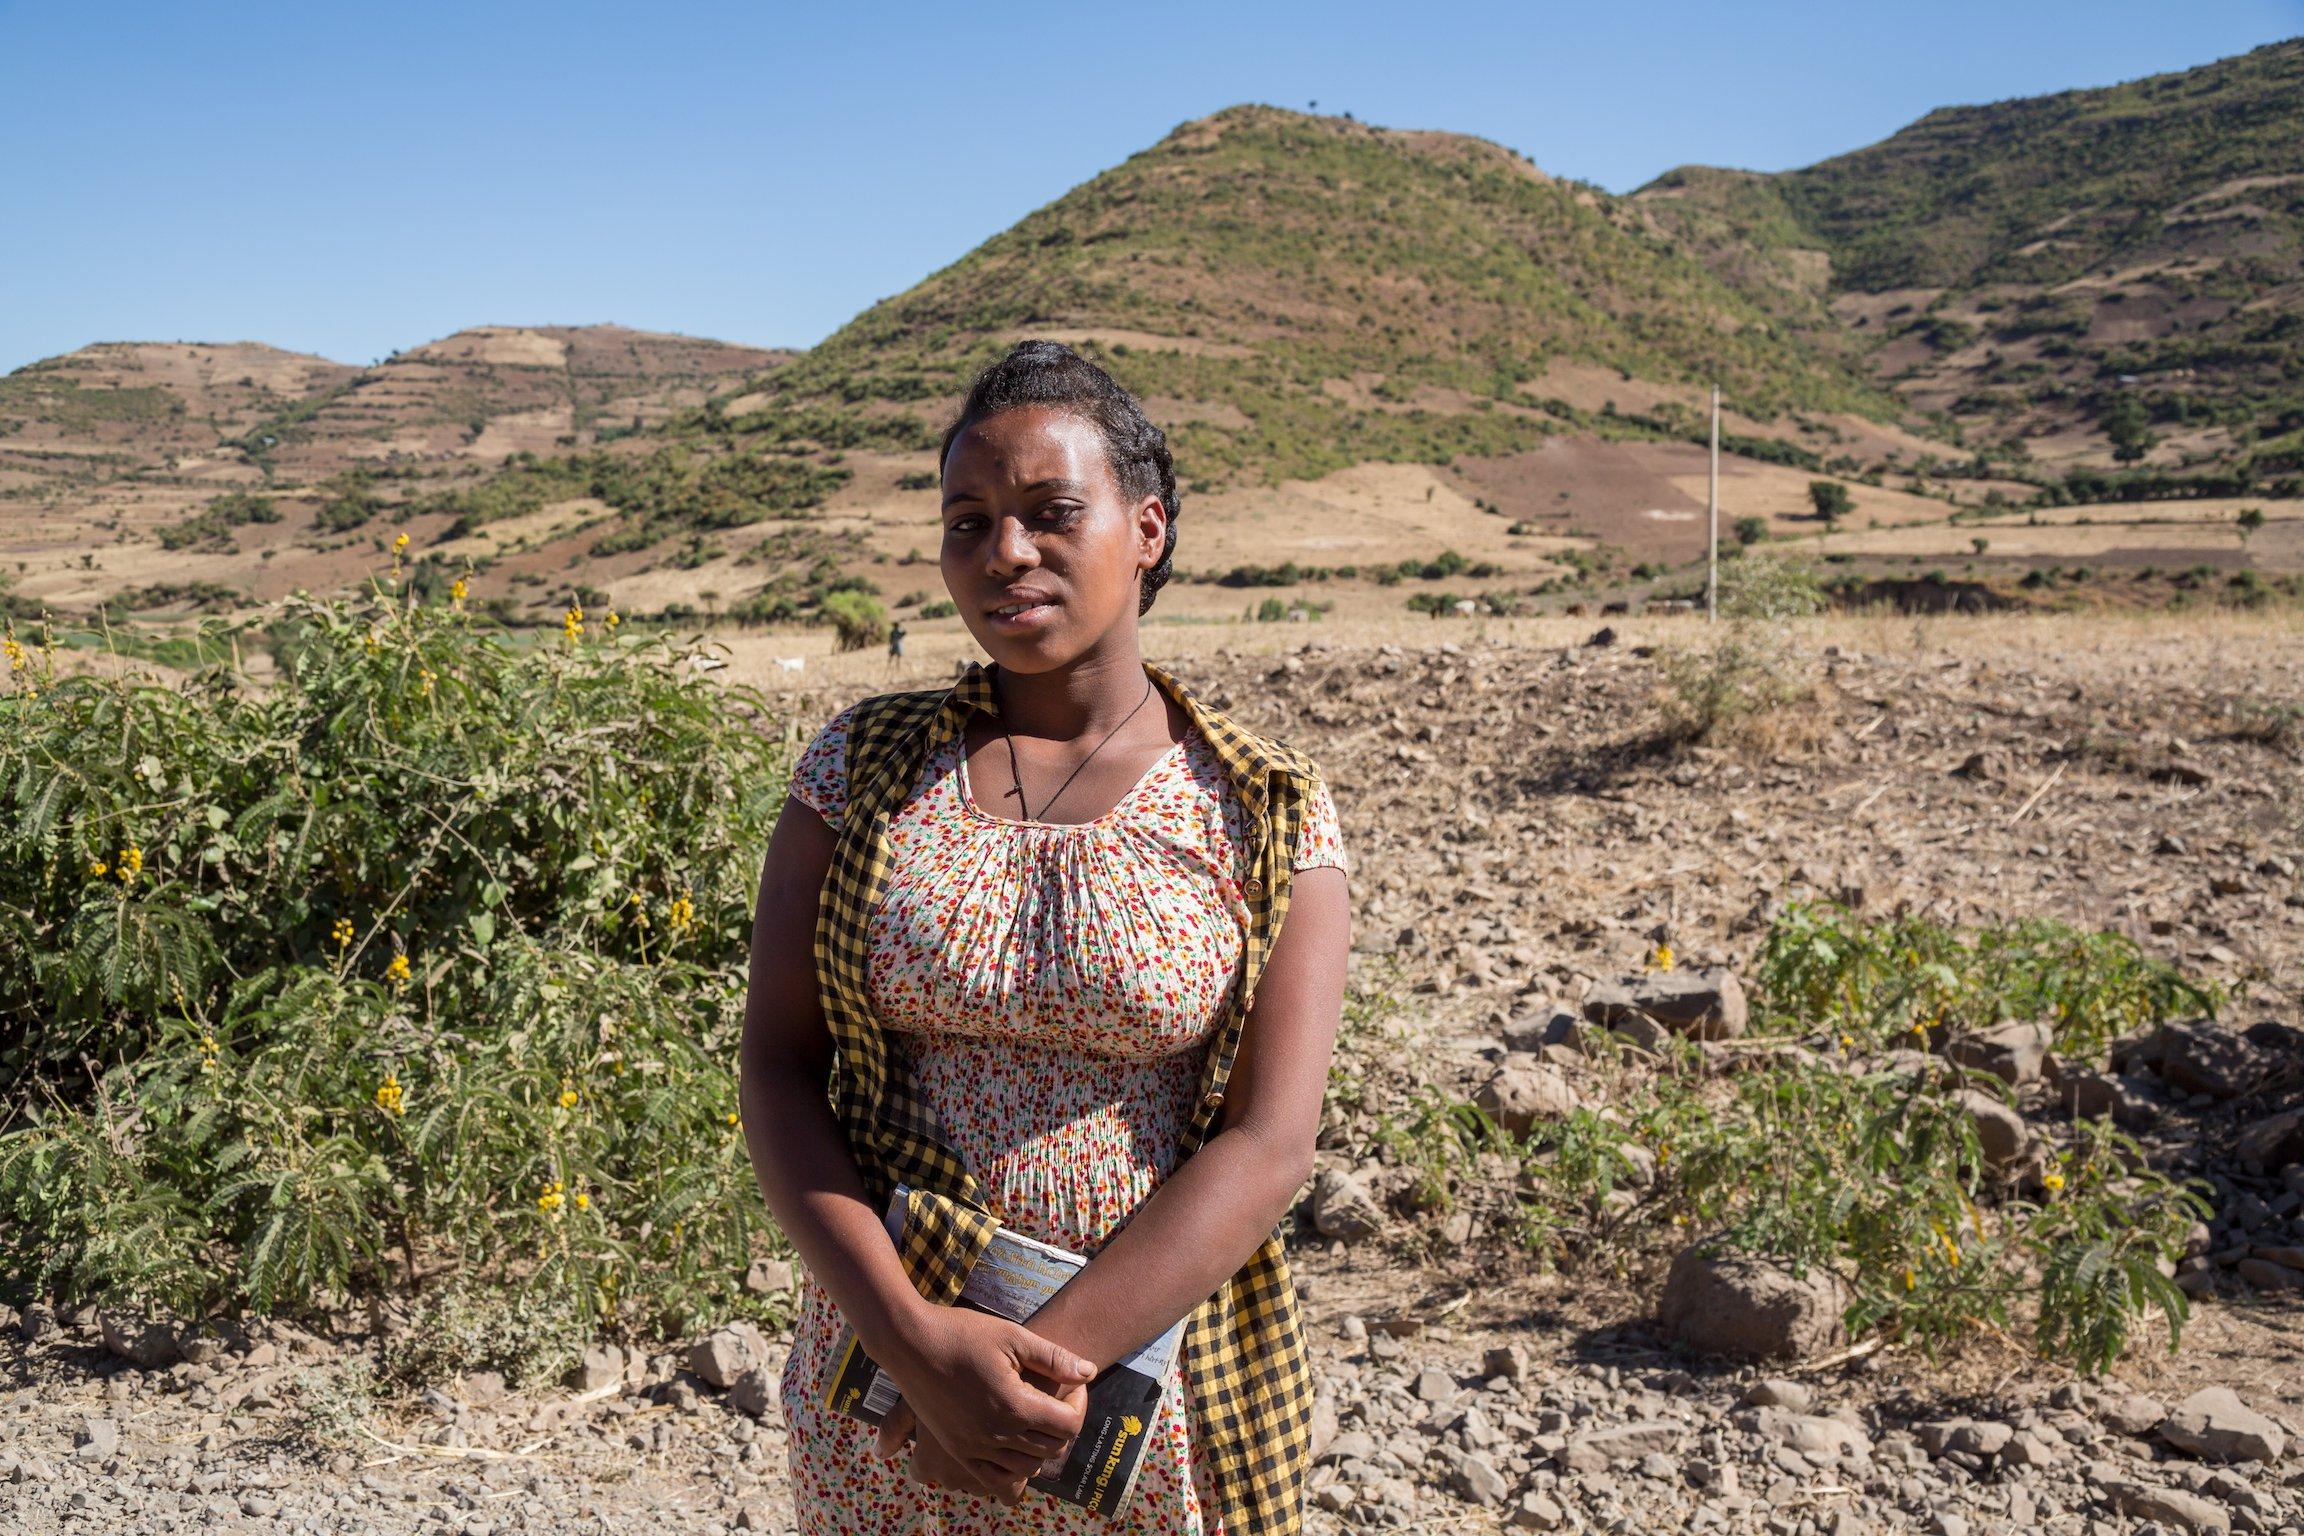 Adolescent girl in Amhara, Ethiopia